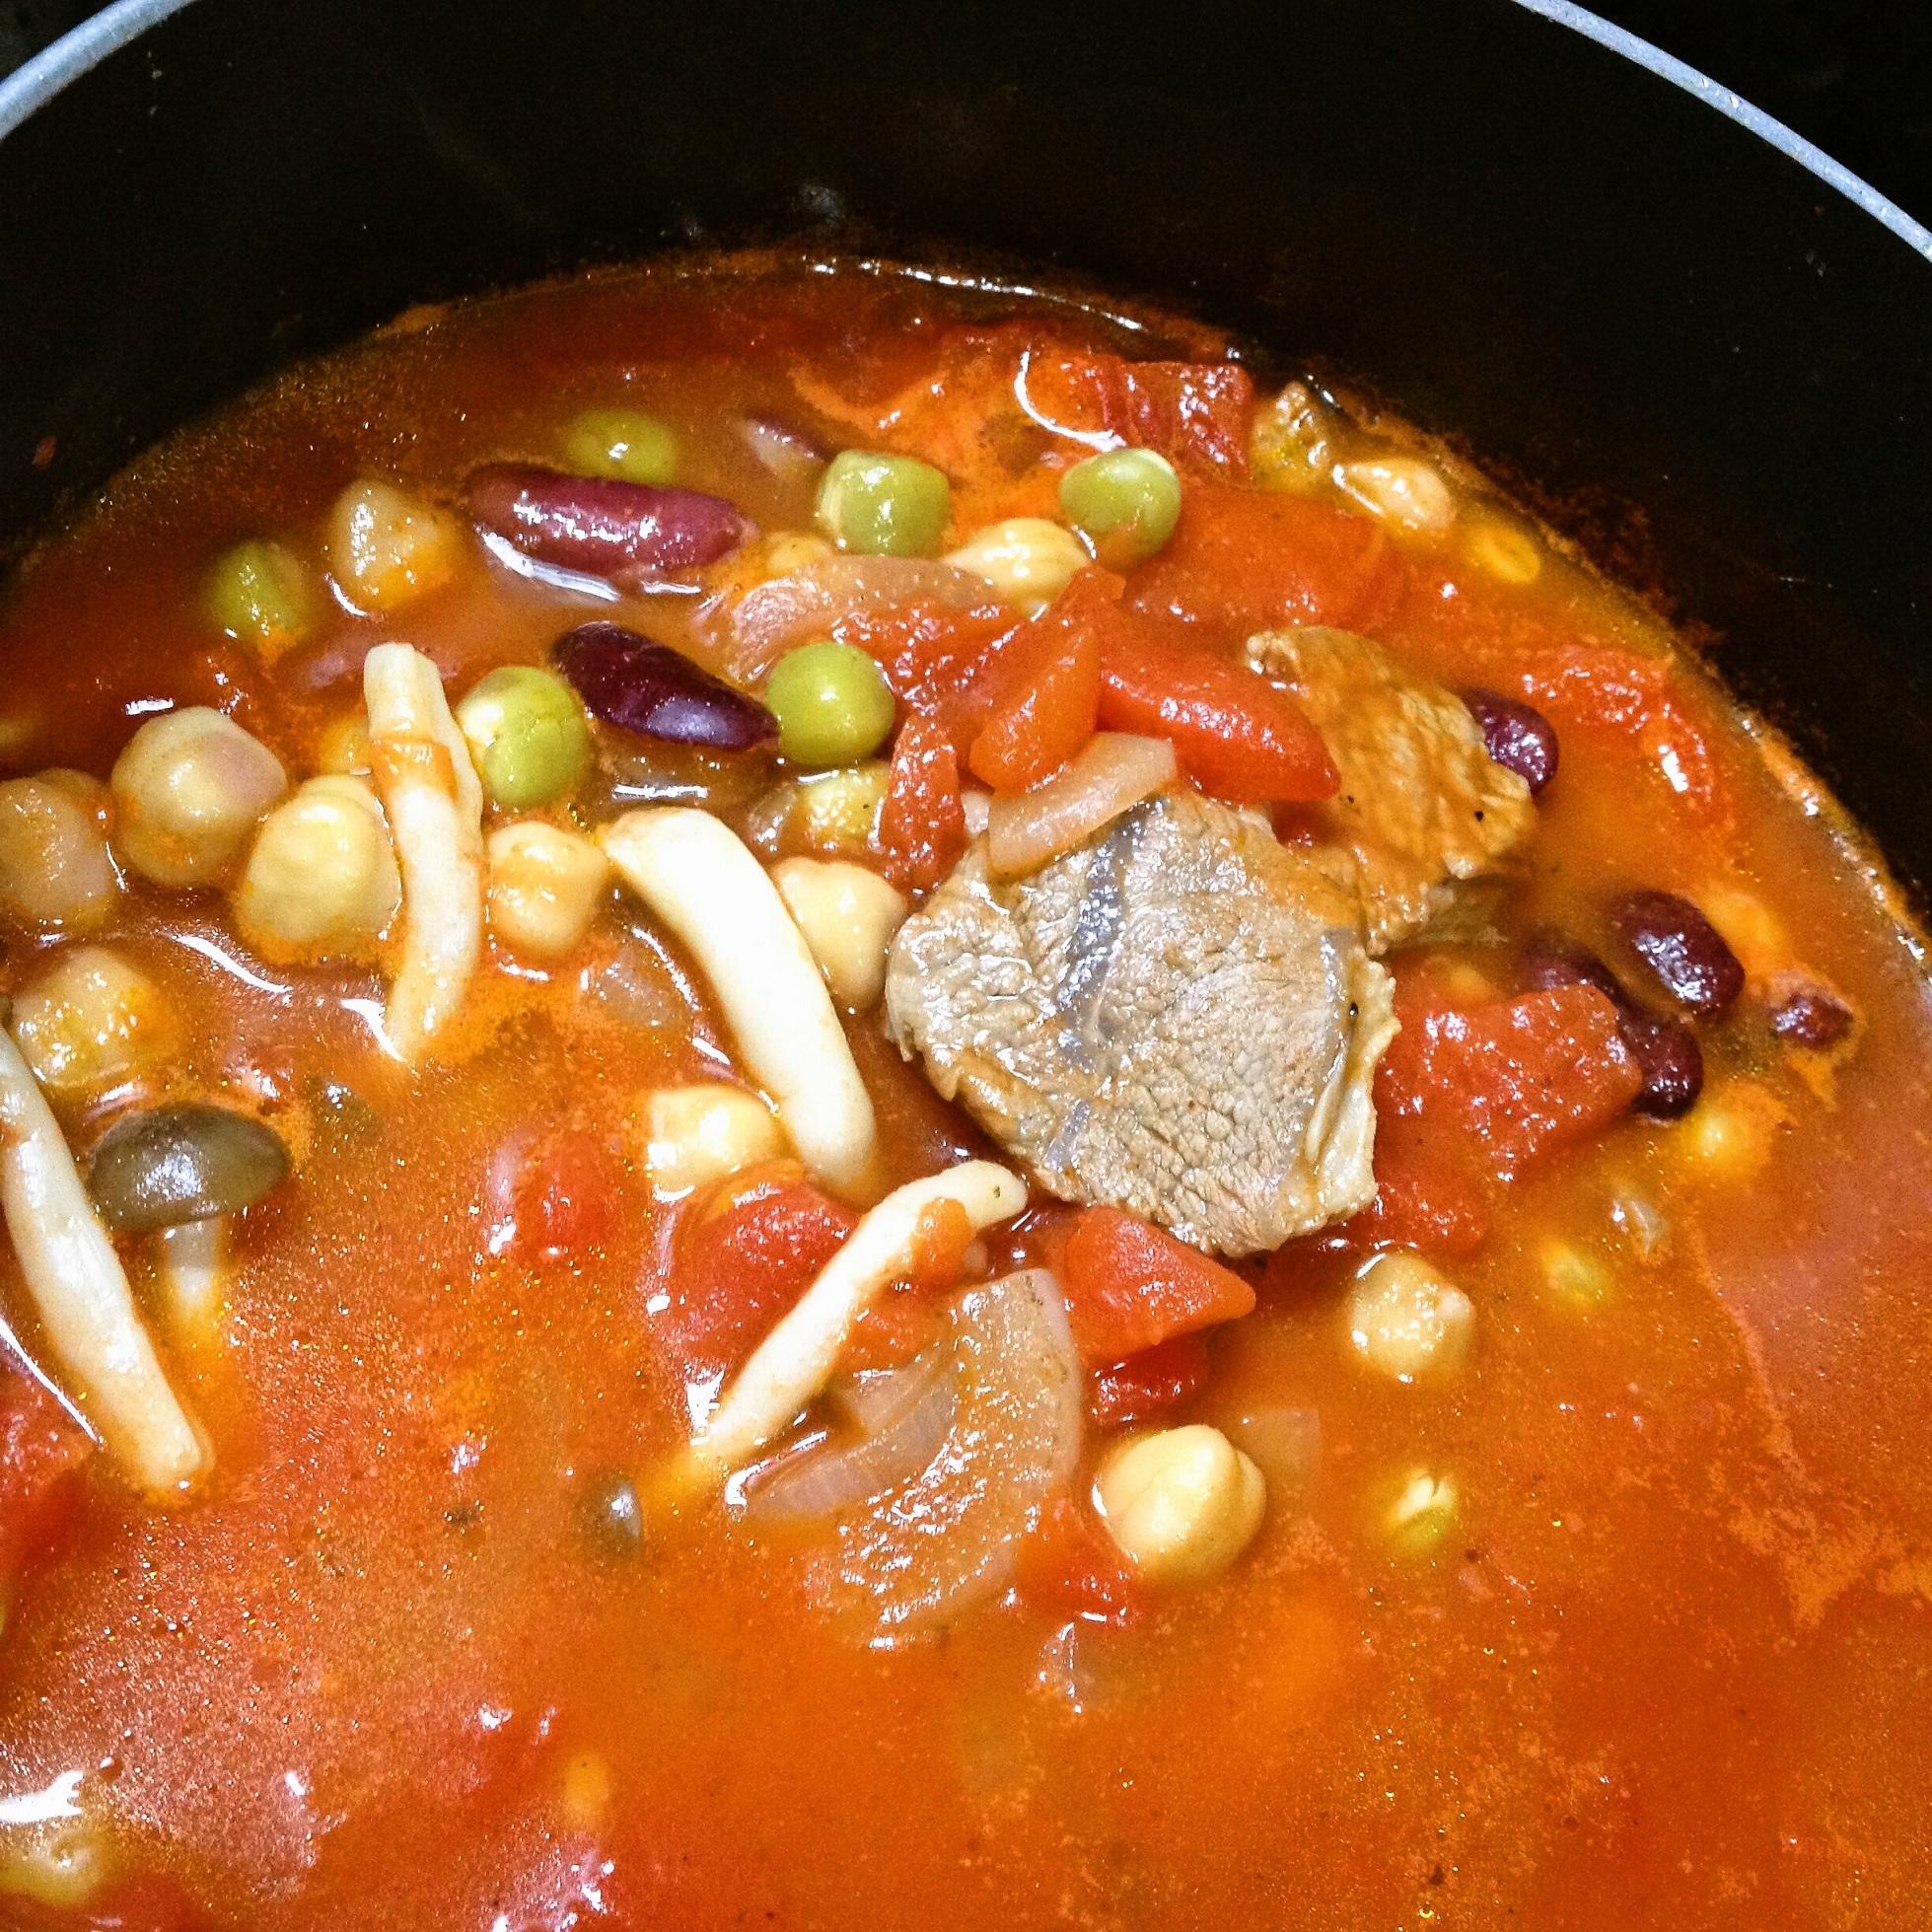 ラム肉とトマトと豆のスープ(鍋の中)